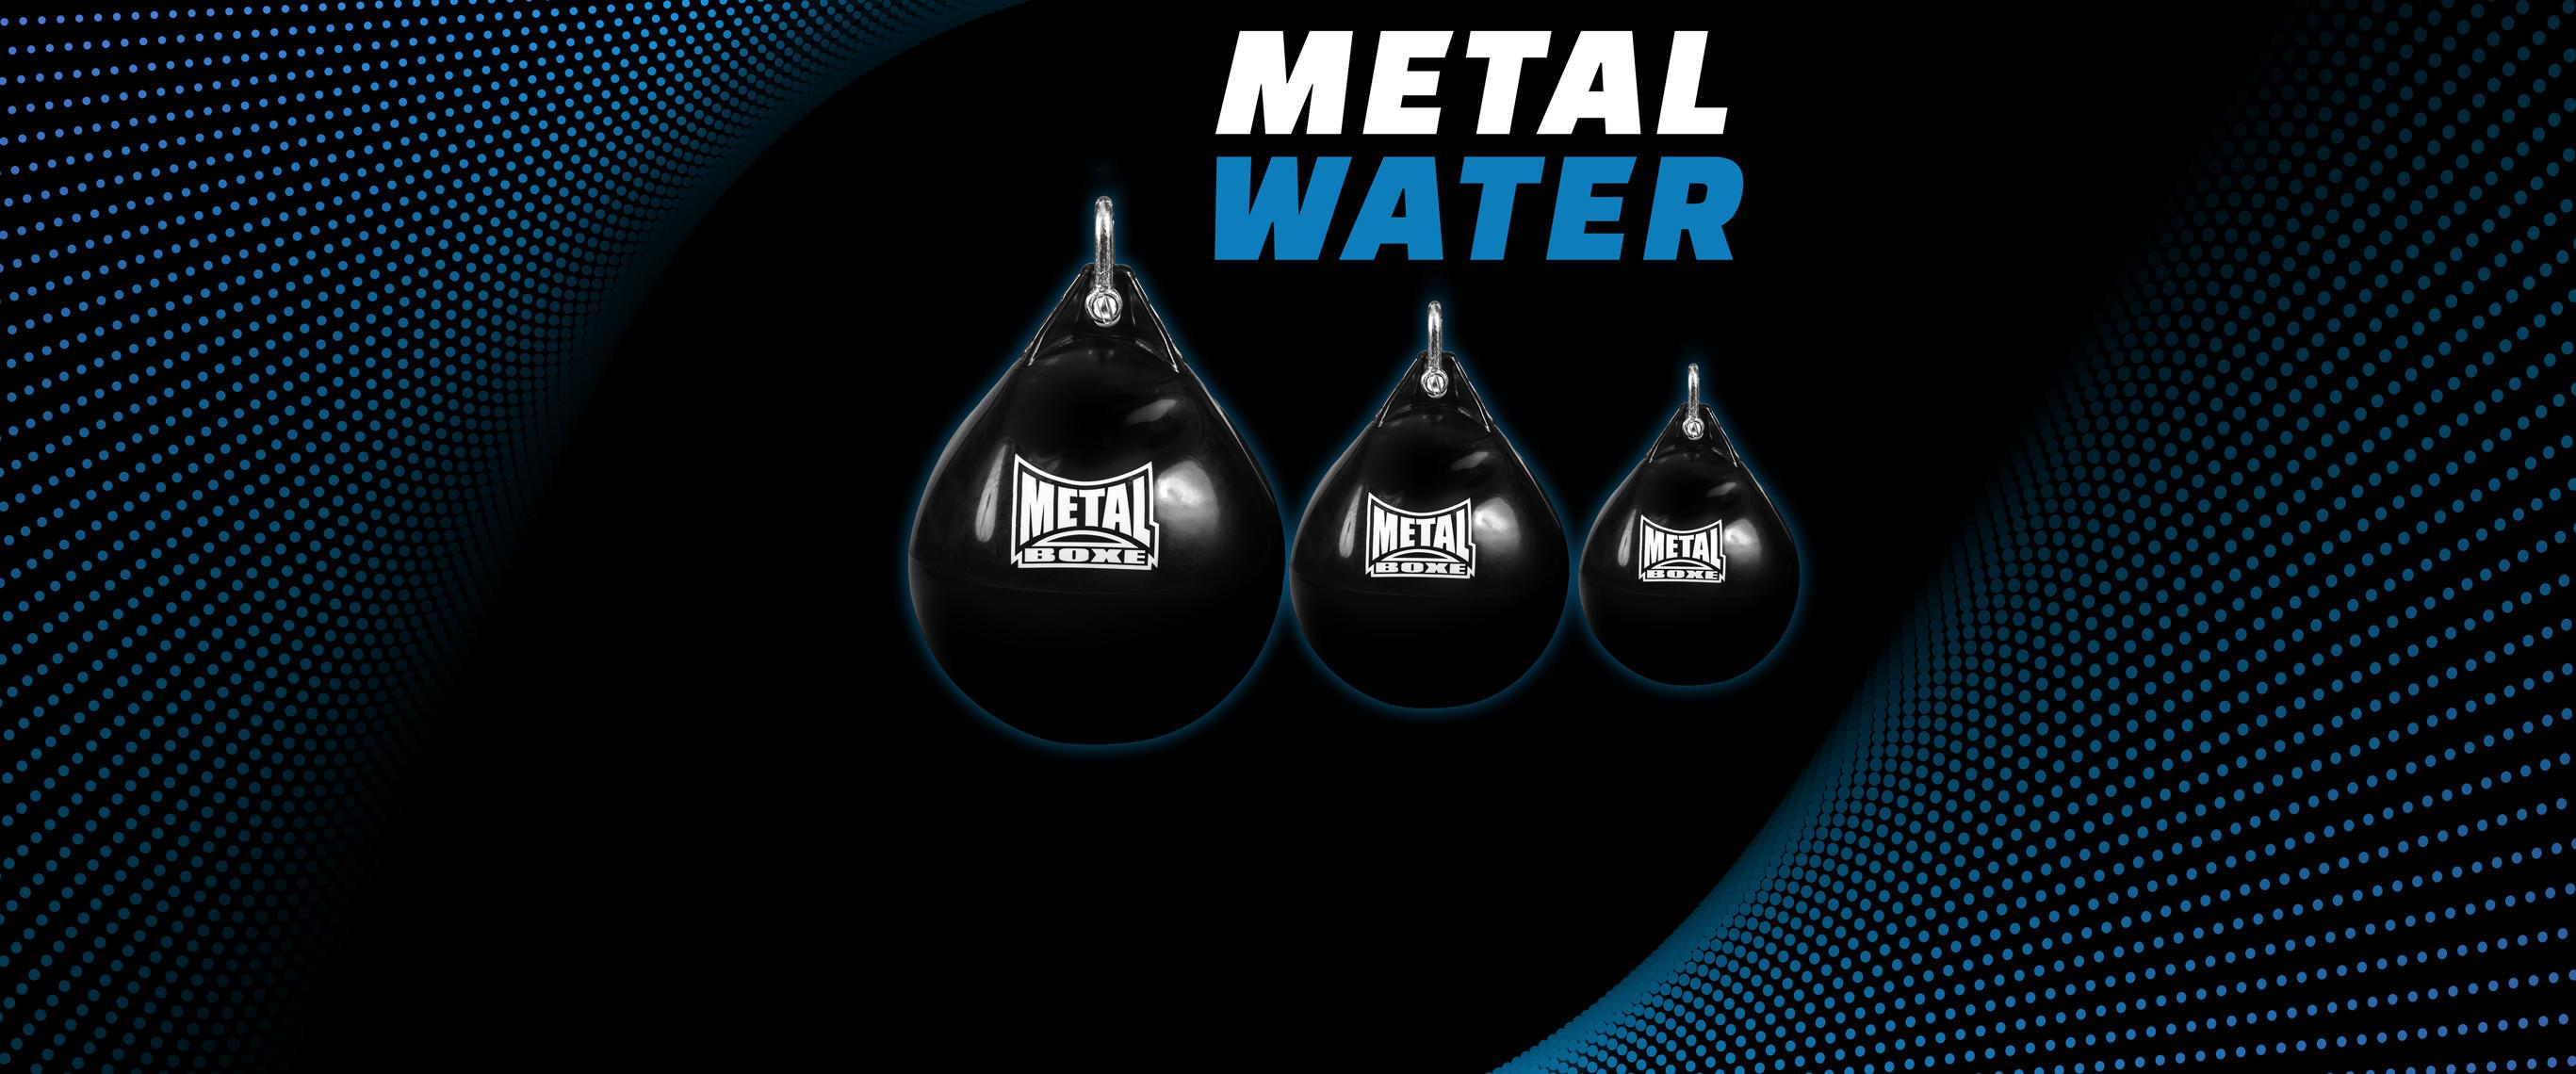 metal water